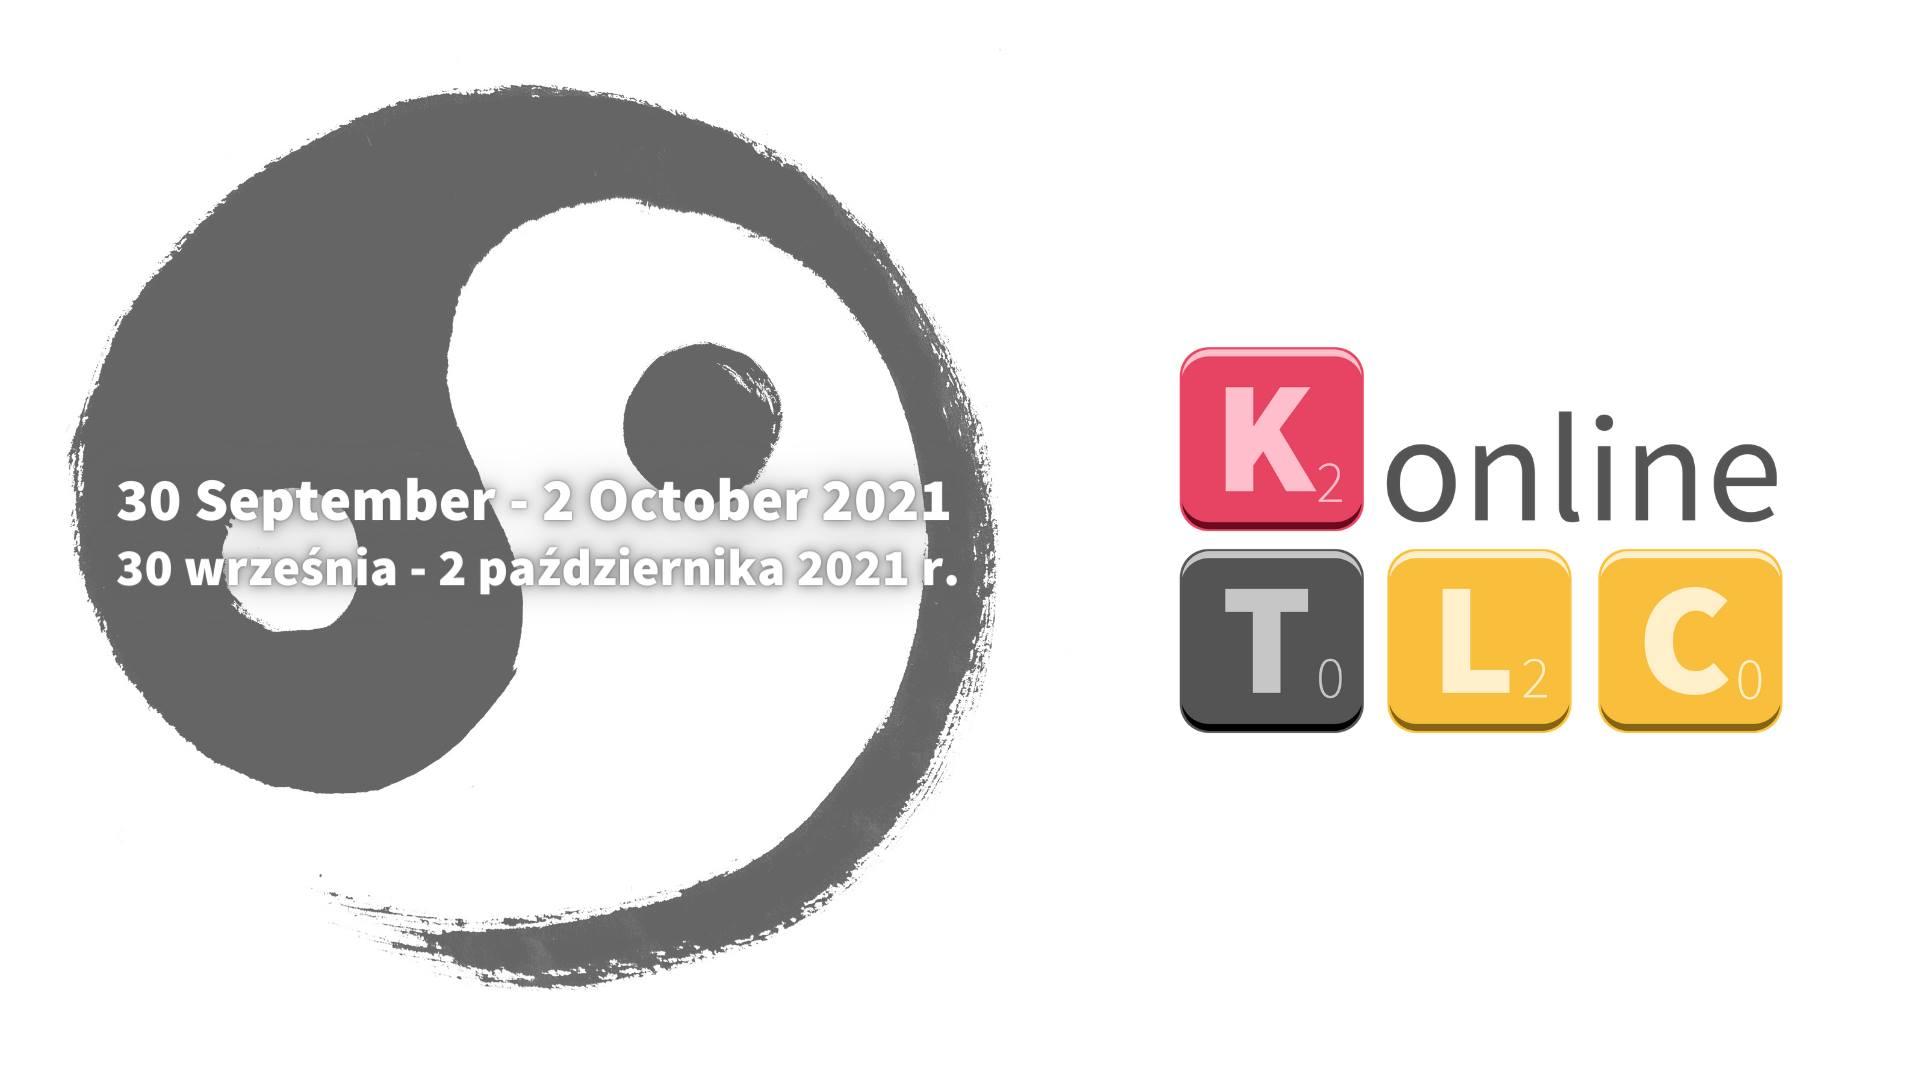 KTLC 2021 online